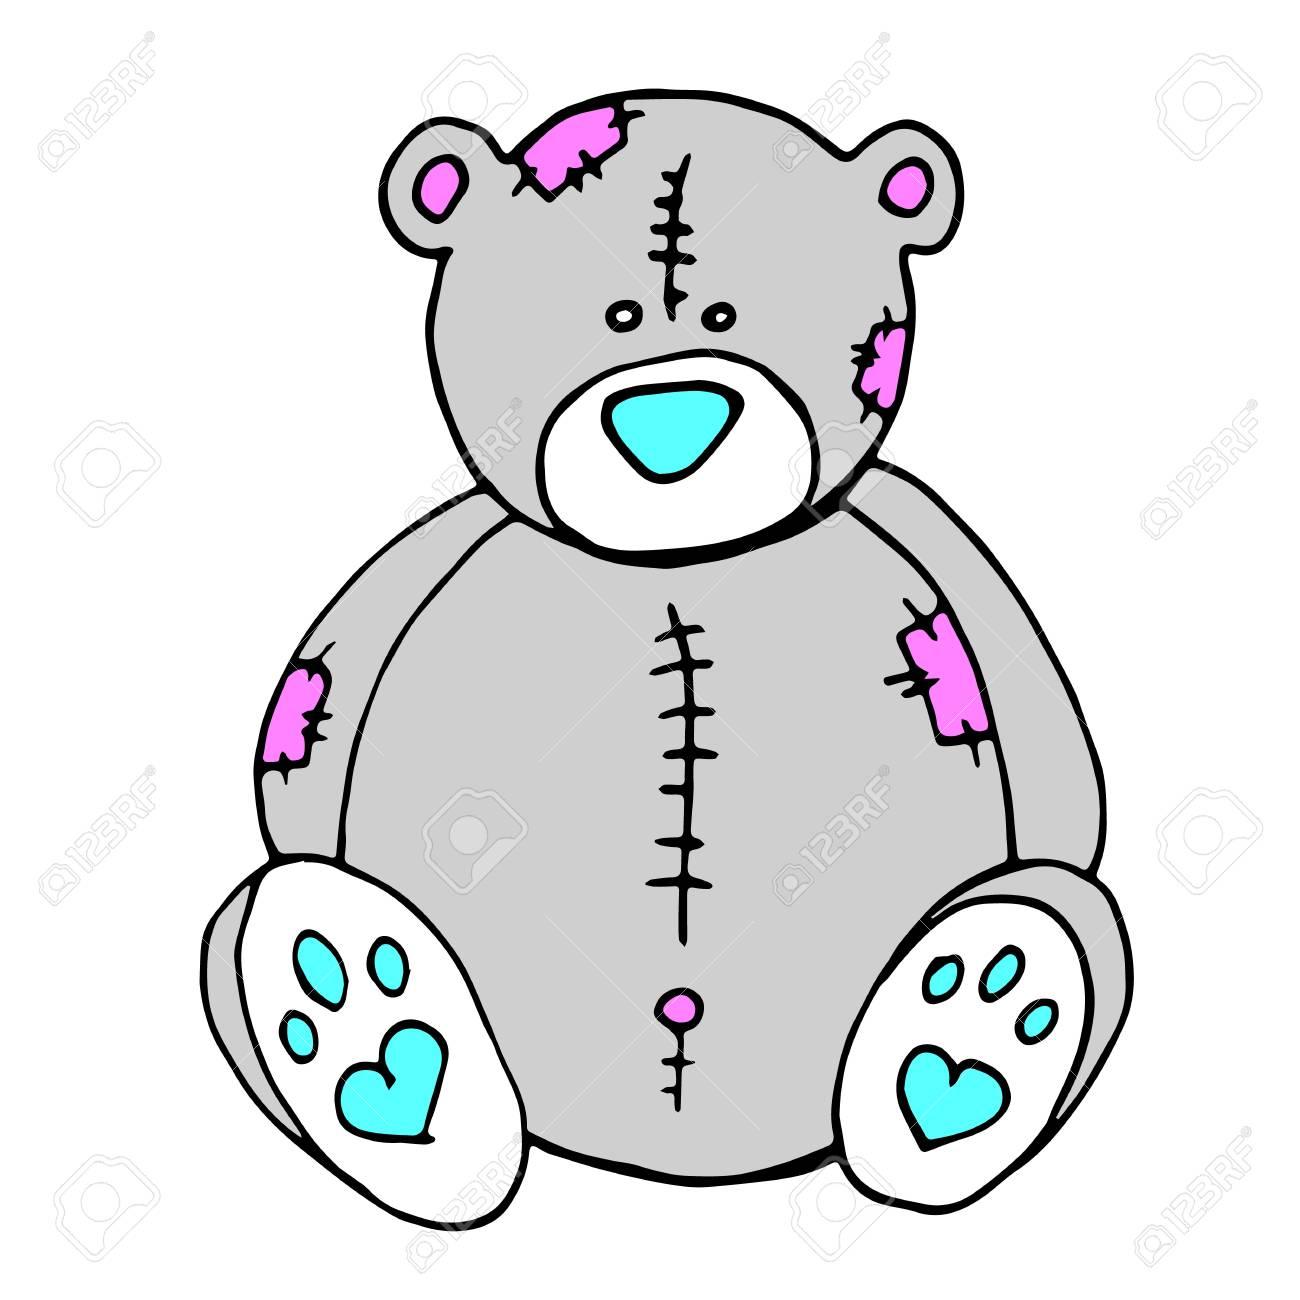 クマ ベクトル グッズ テディベア イラスト動物かわいい漫画赤ちゃん幸せ